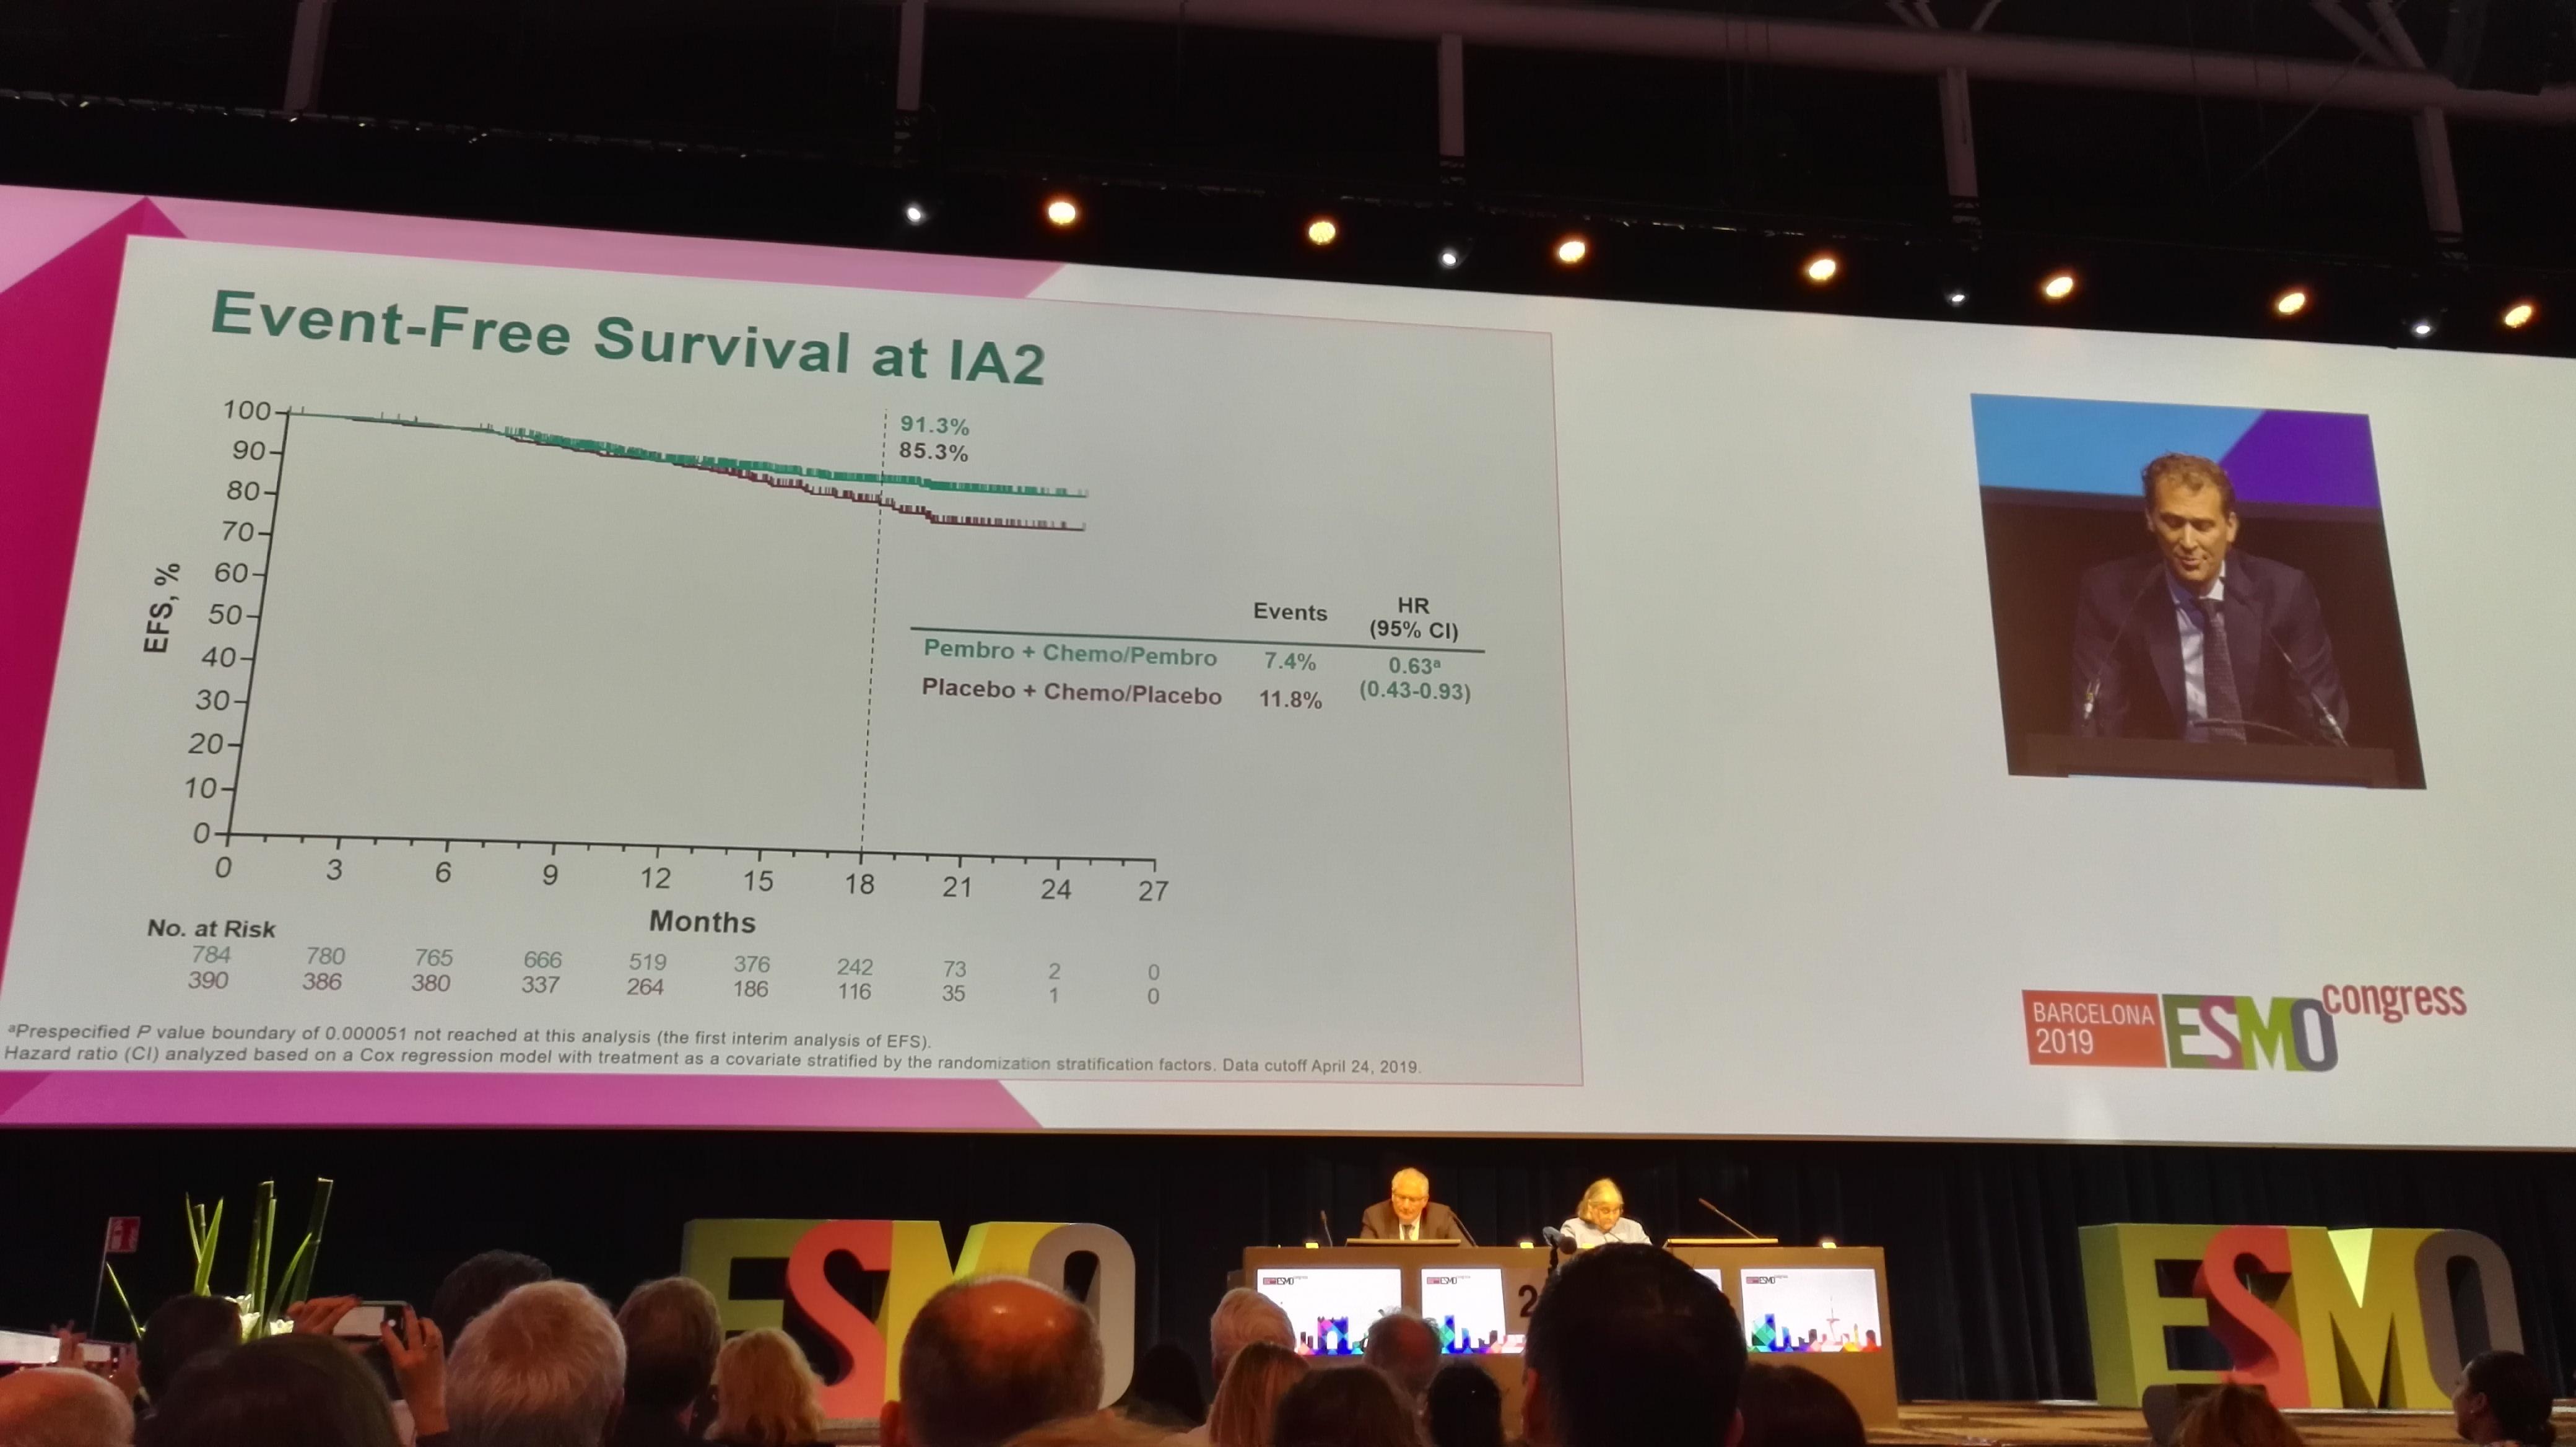 Le Pr Schmid présente les résultats de l'étude KEYNOTE au congrès de l'ESMO - roseup association face aux cancers osons la vie